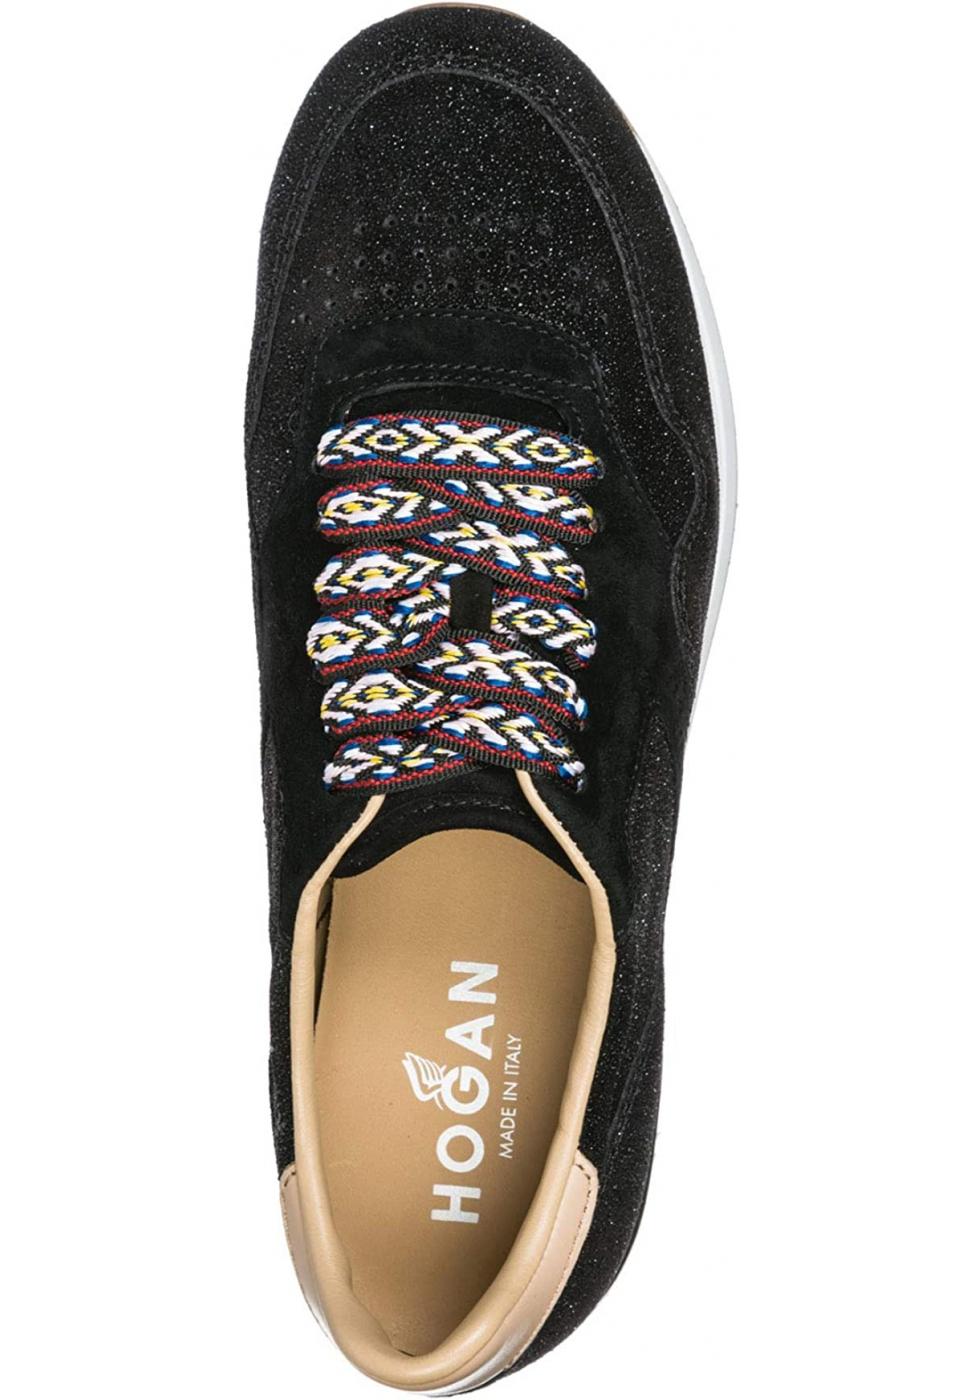 Sneakers a zeppa donna Hogan in pelle nera con brillantini ...